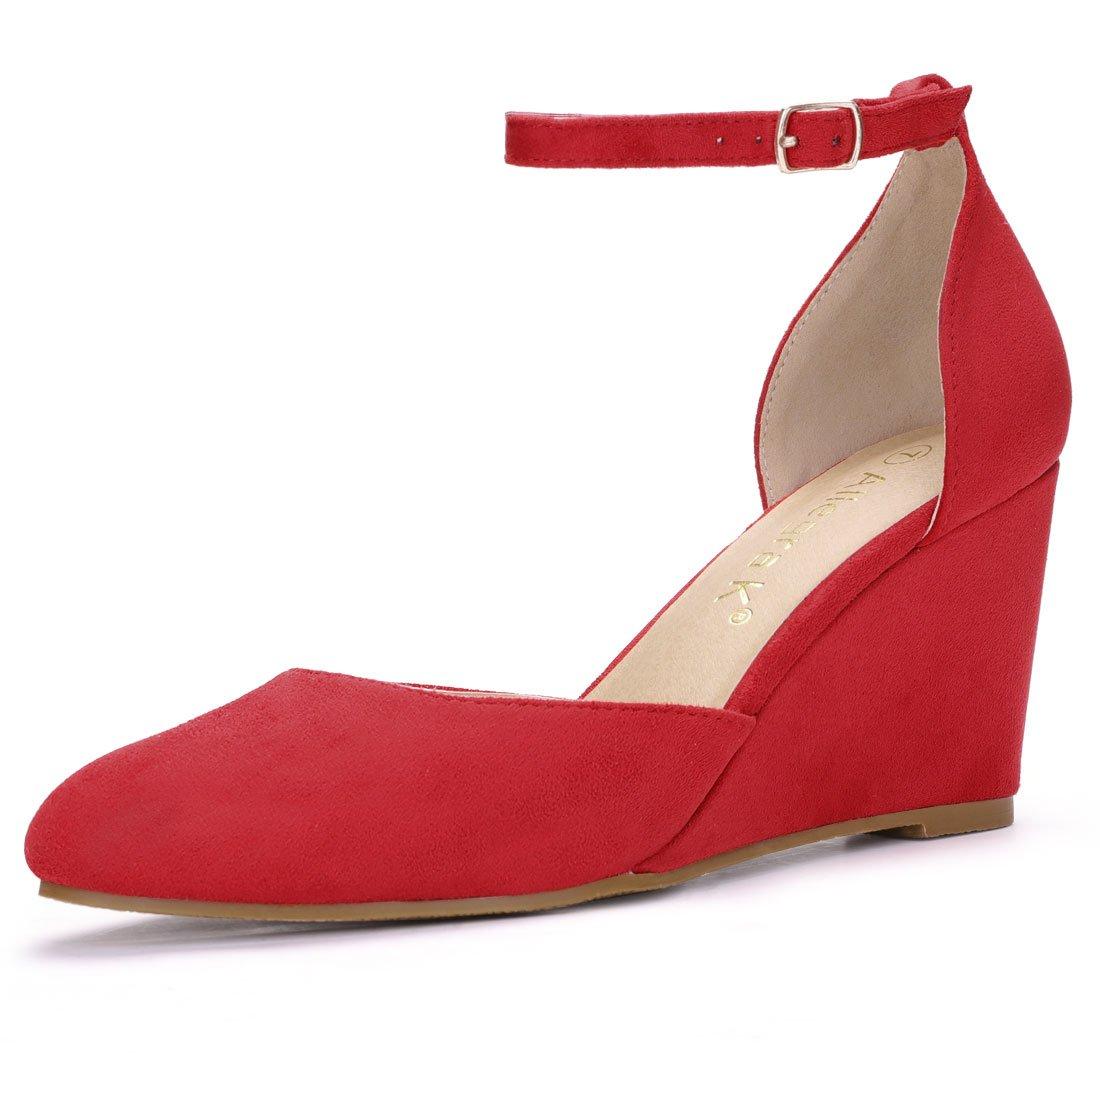 5e4a14c931 Amazon.com   Allegra K Women's Ankle Strap Low Wedges Pumps   Pumps